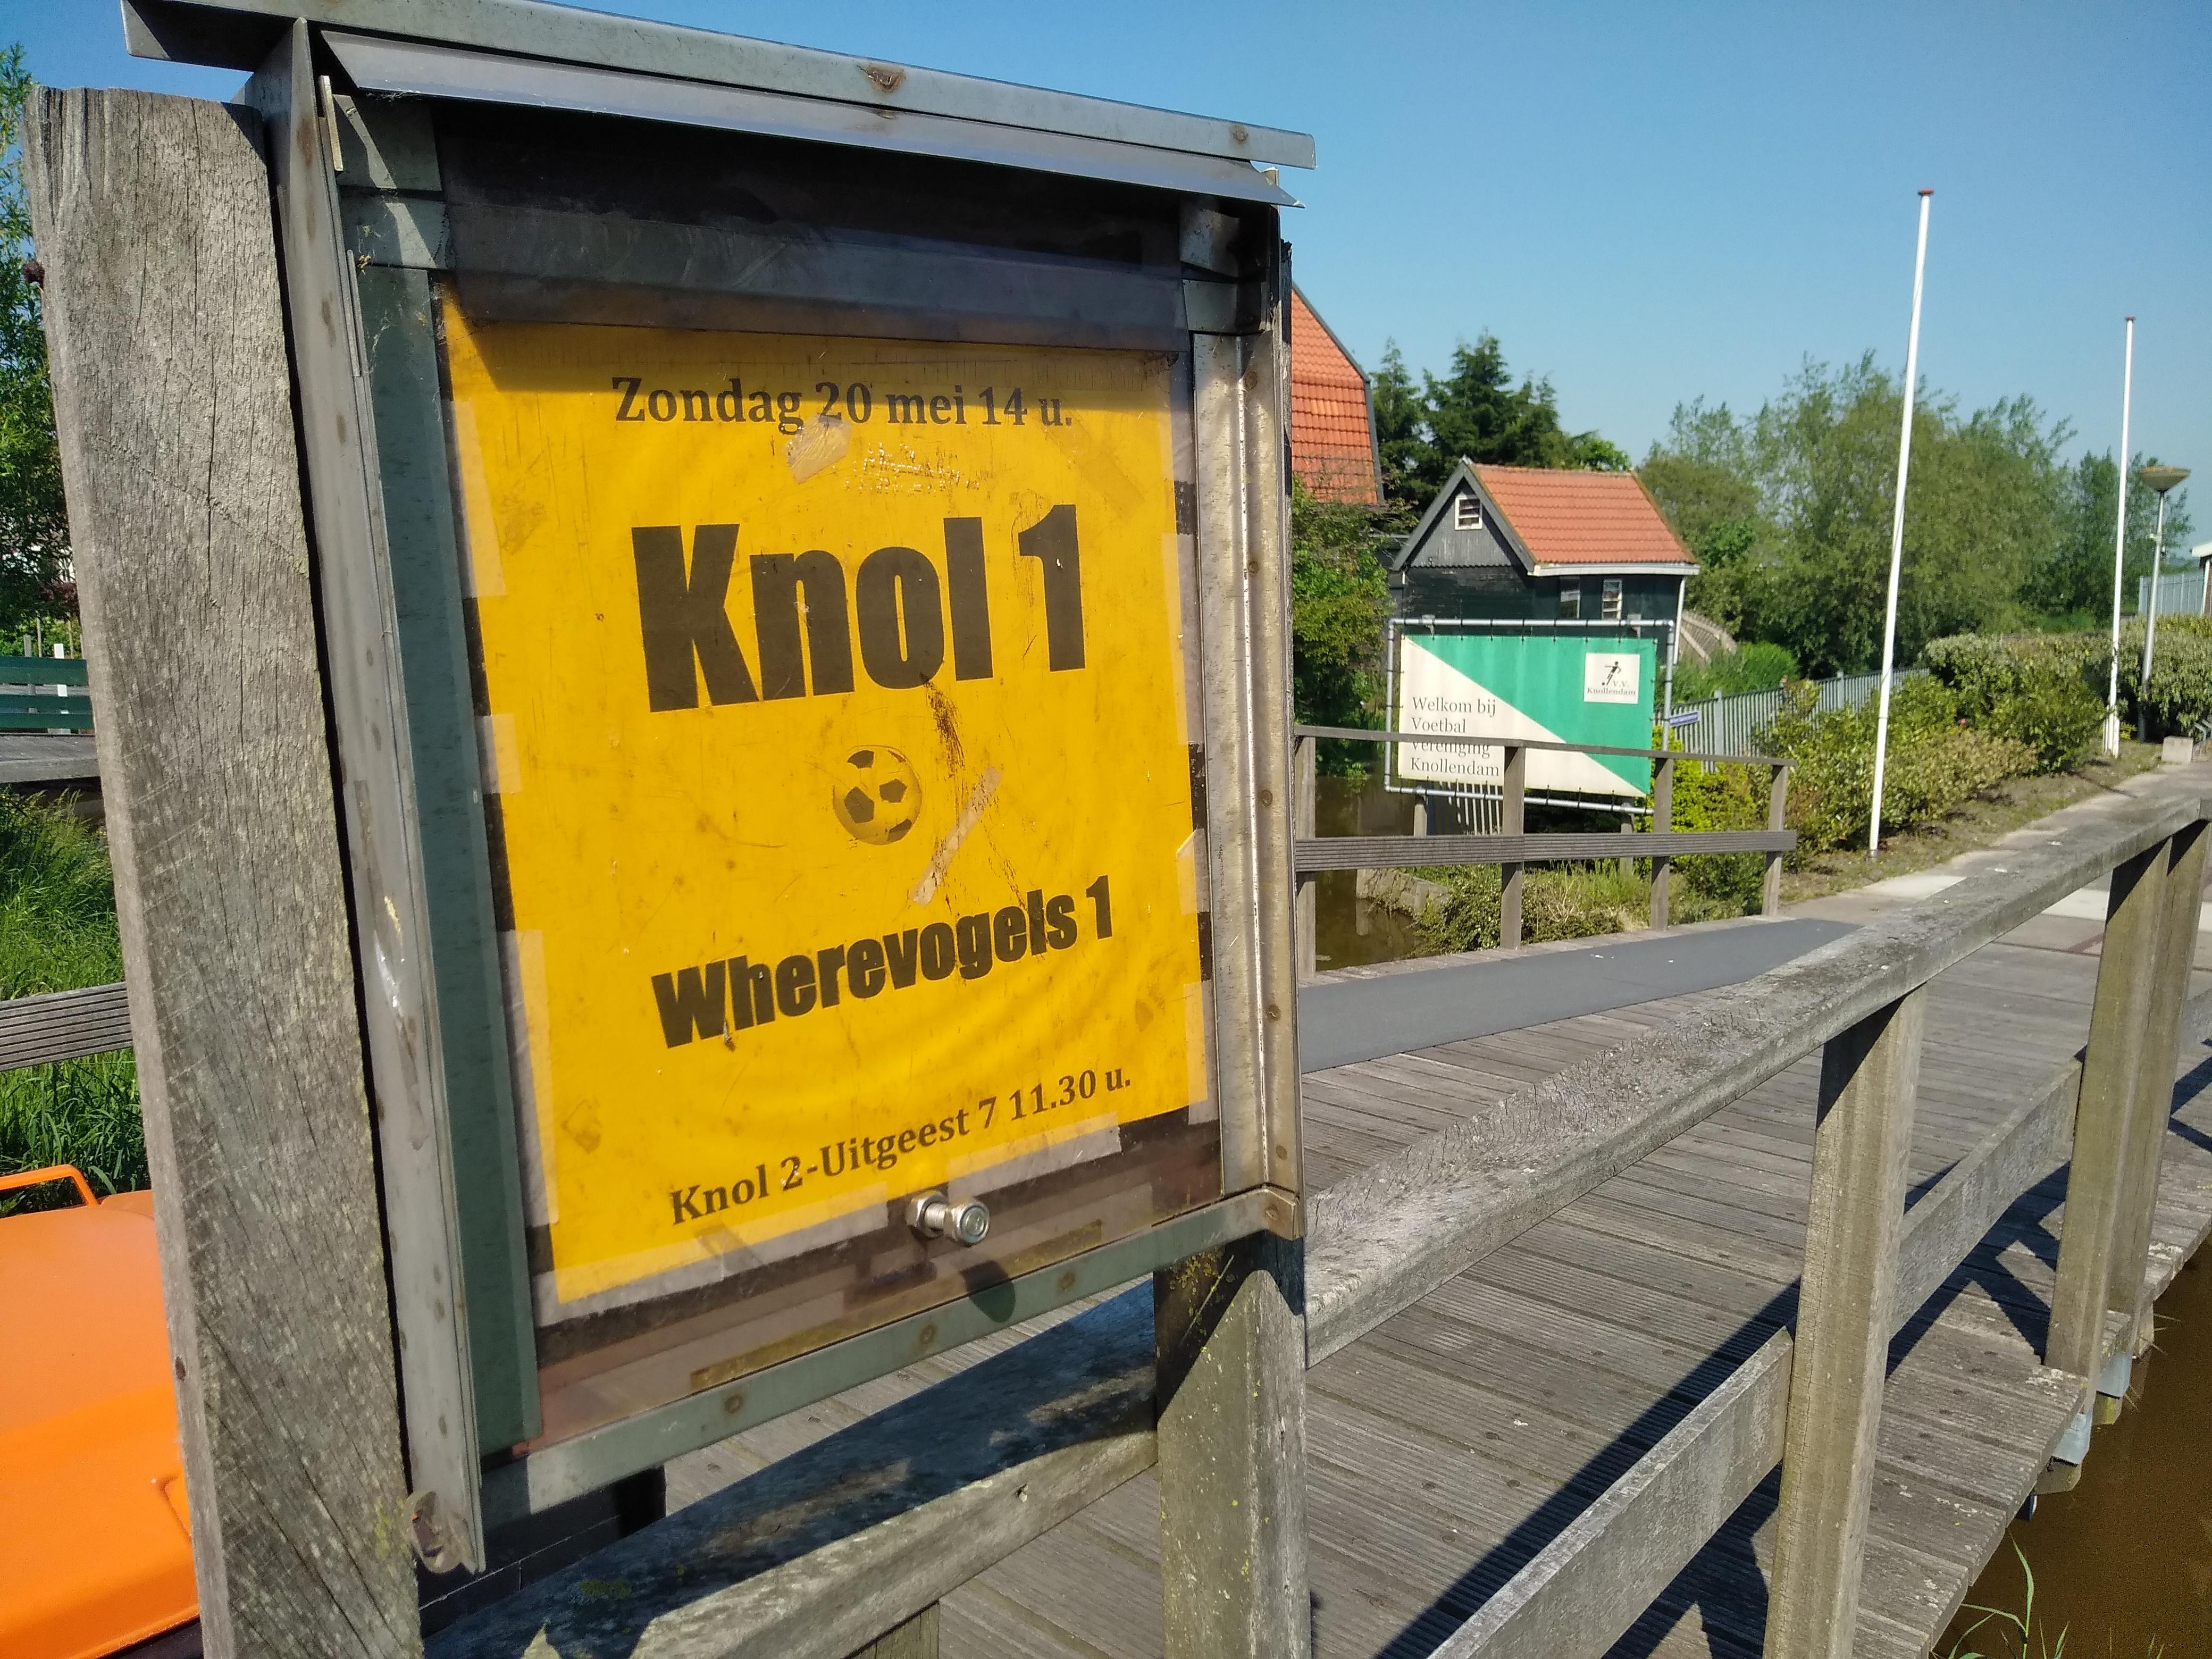 Eerst moeten de Knollendammers nog wel thuis zien te winnen van Wherevogels 1. (Foto: Bart van der Laan)